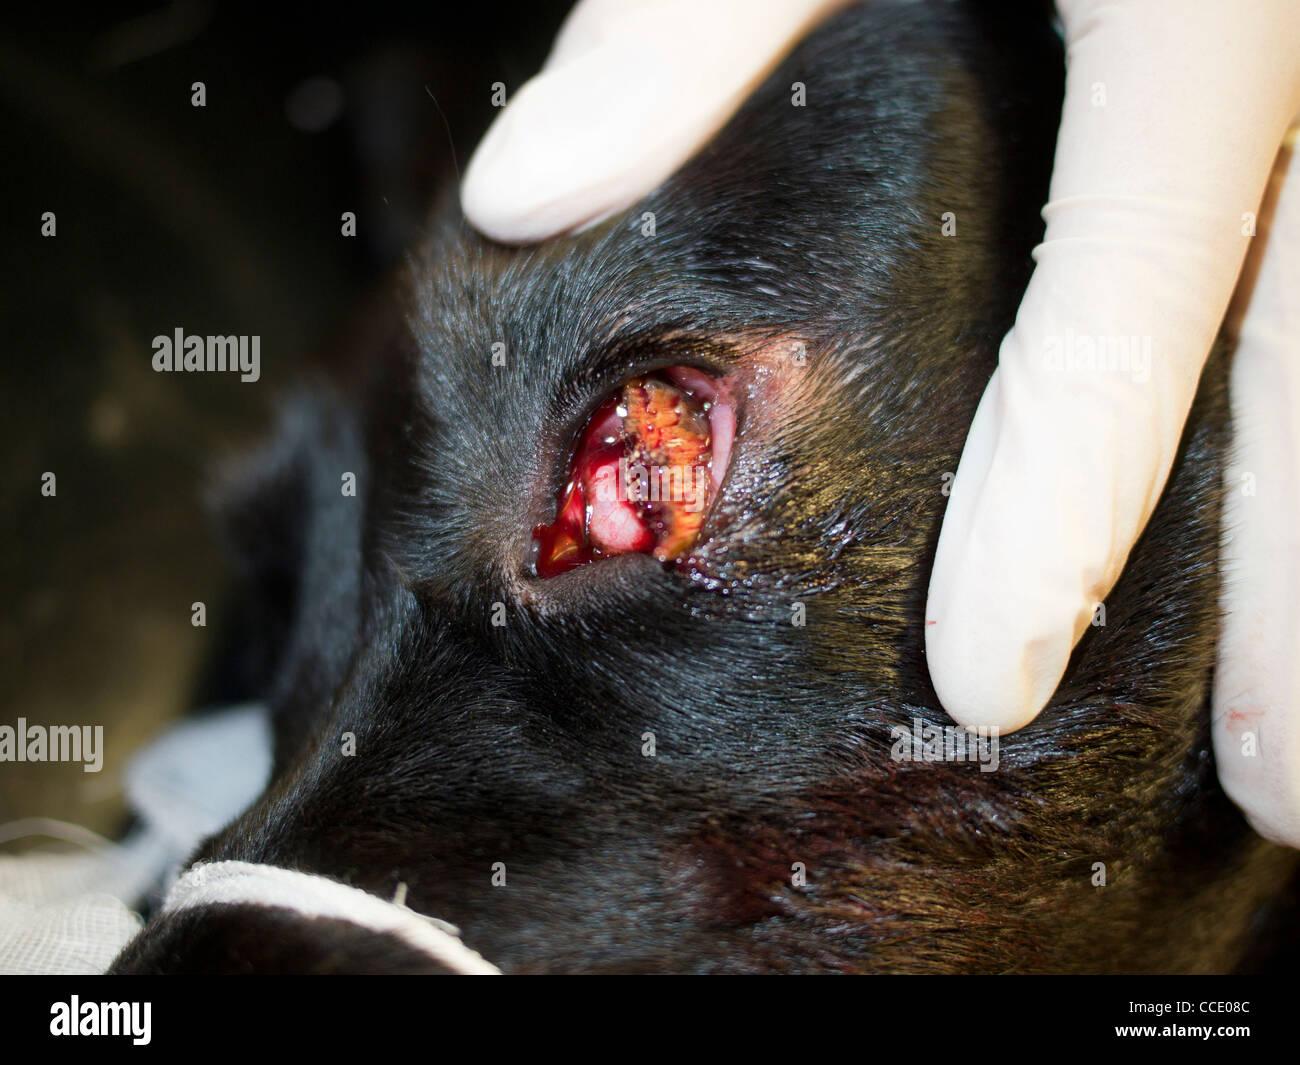 Occular Foreign Body in a Black Labrador Dog Stock Photo